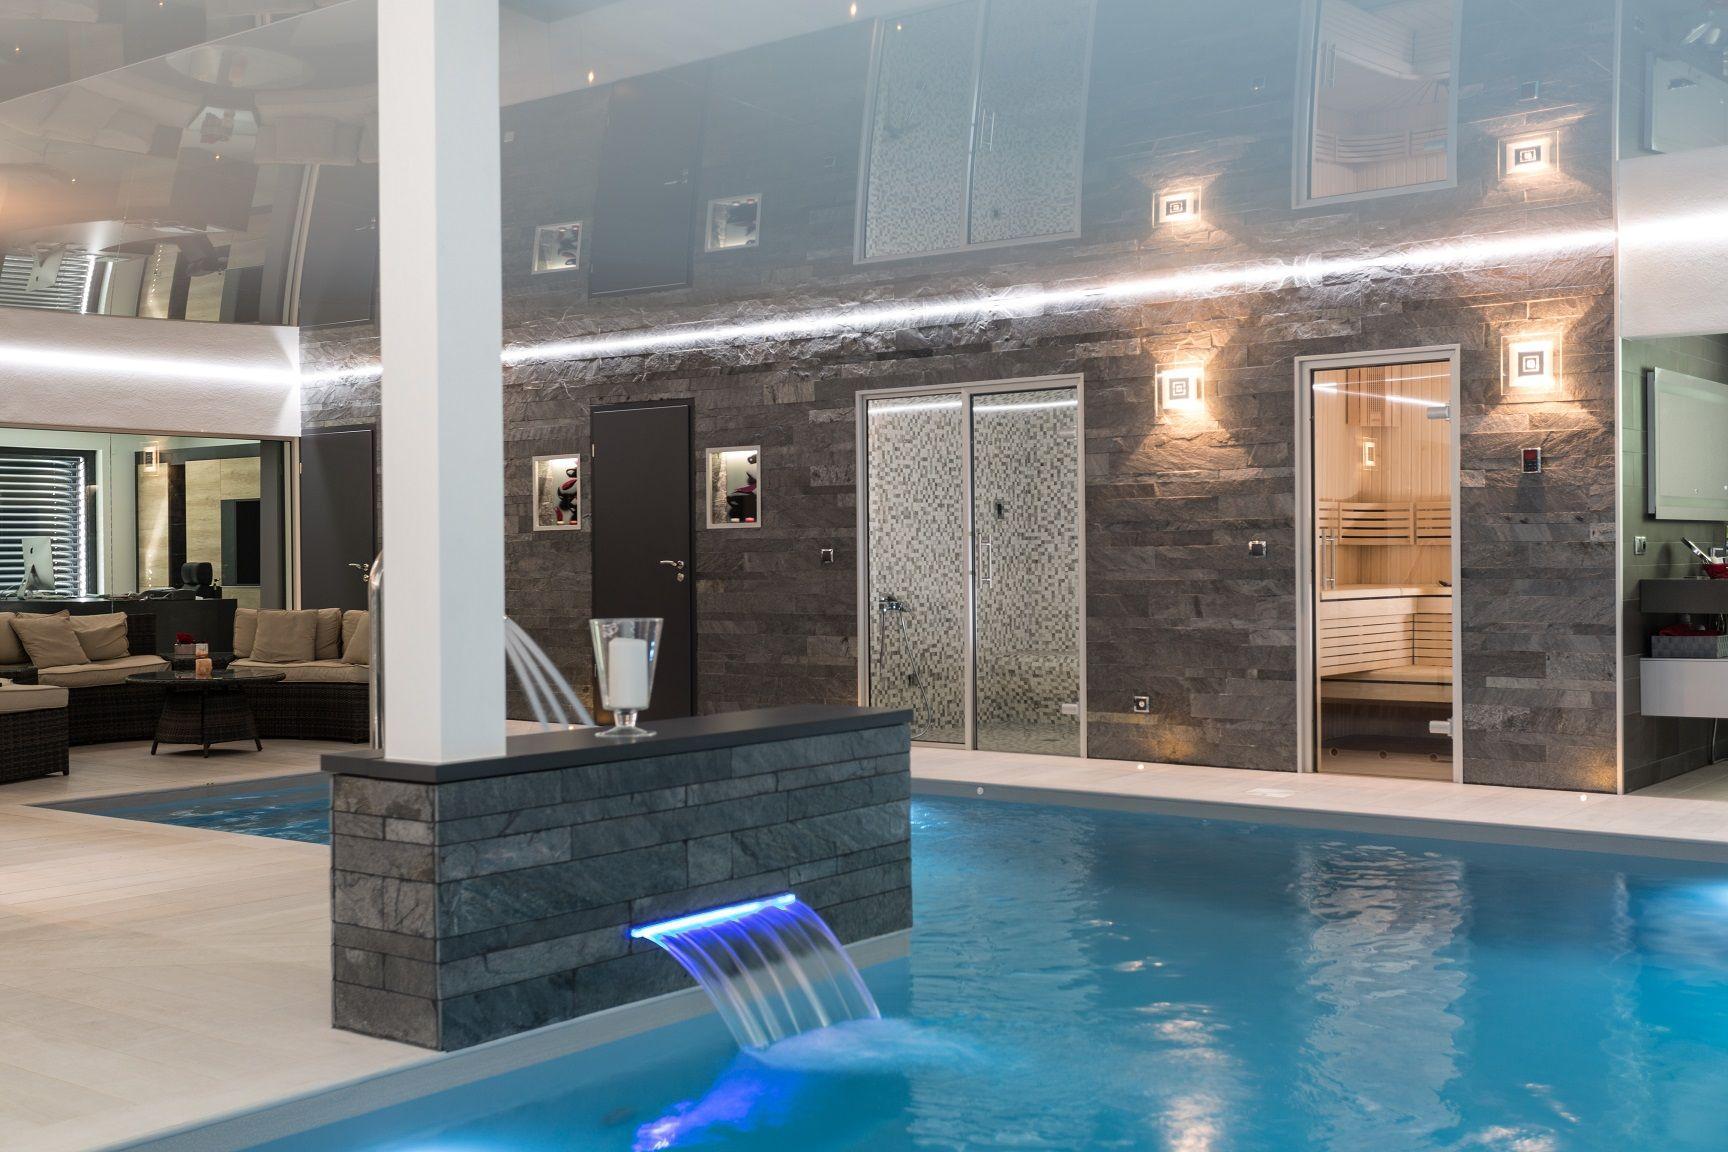 Extension Maison Piscine Couverte construction maison avec piscine interieure magnifique